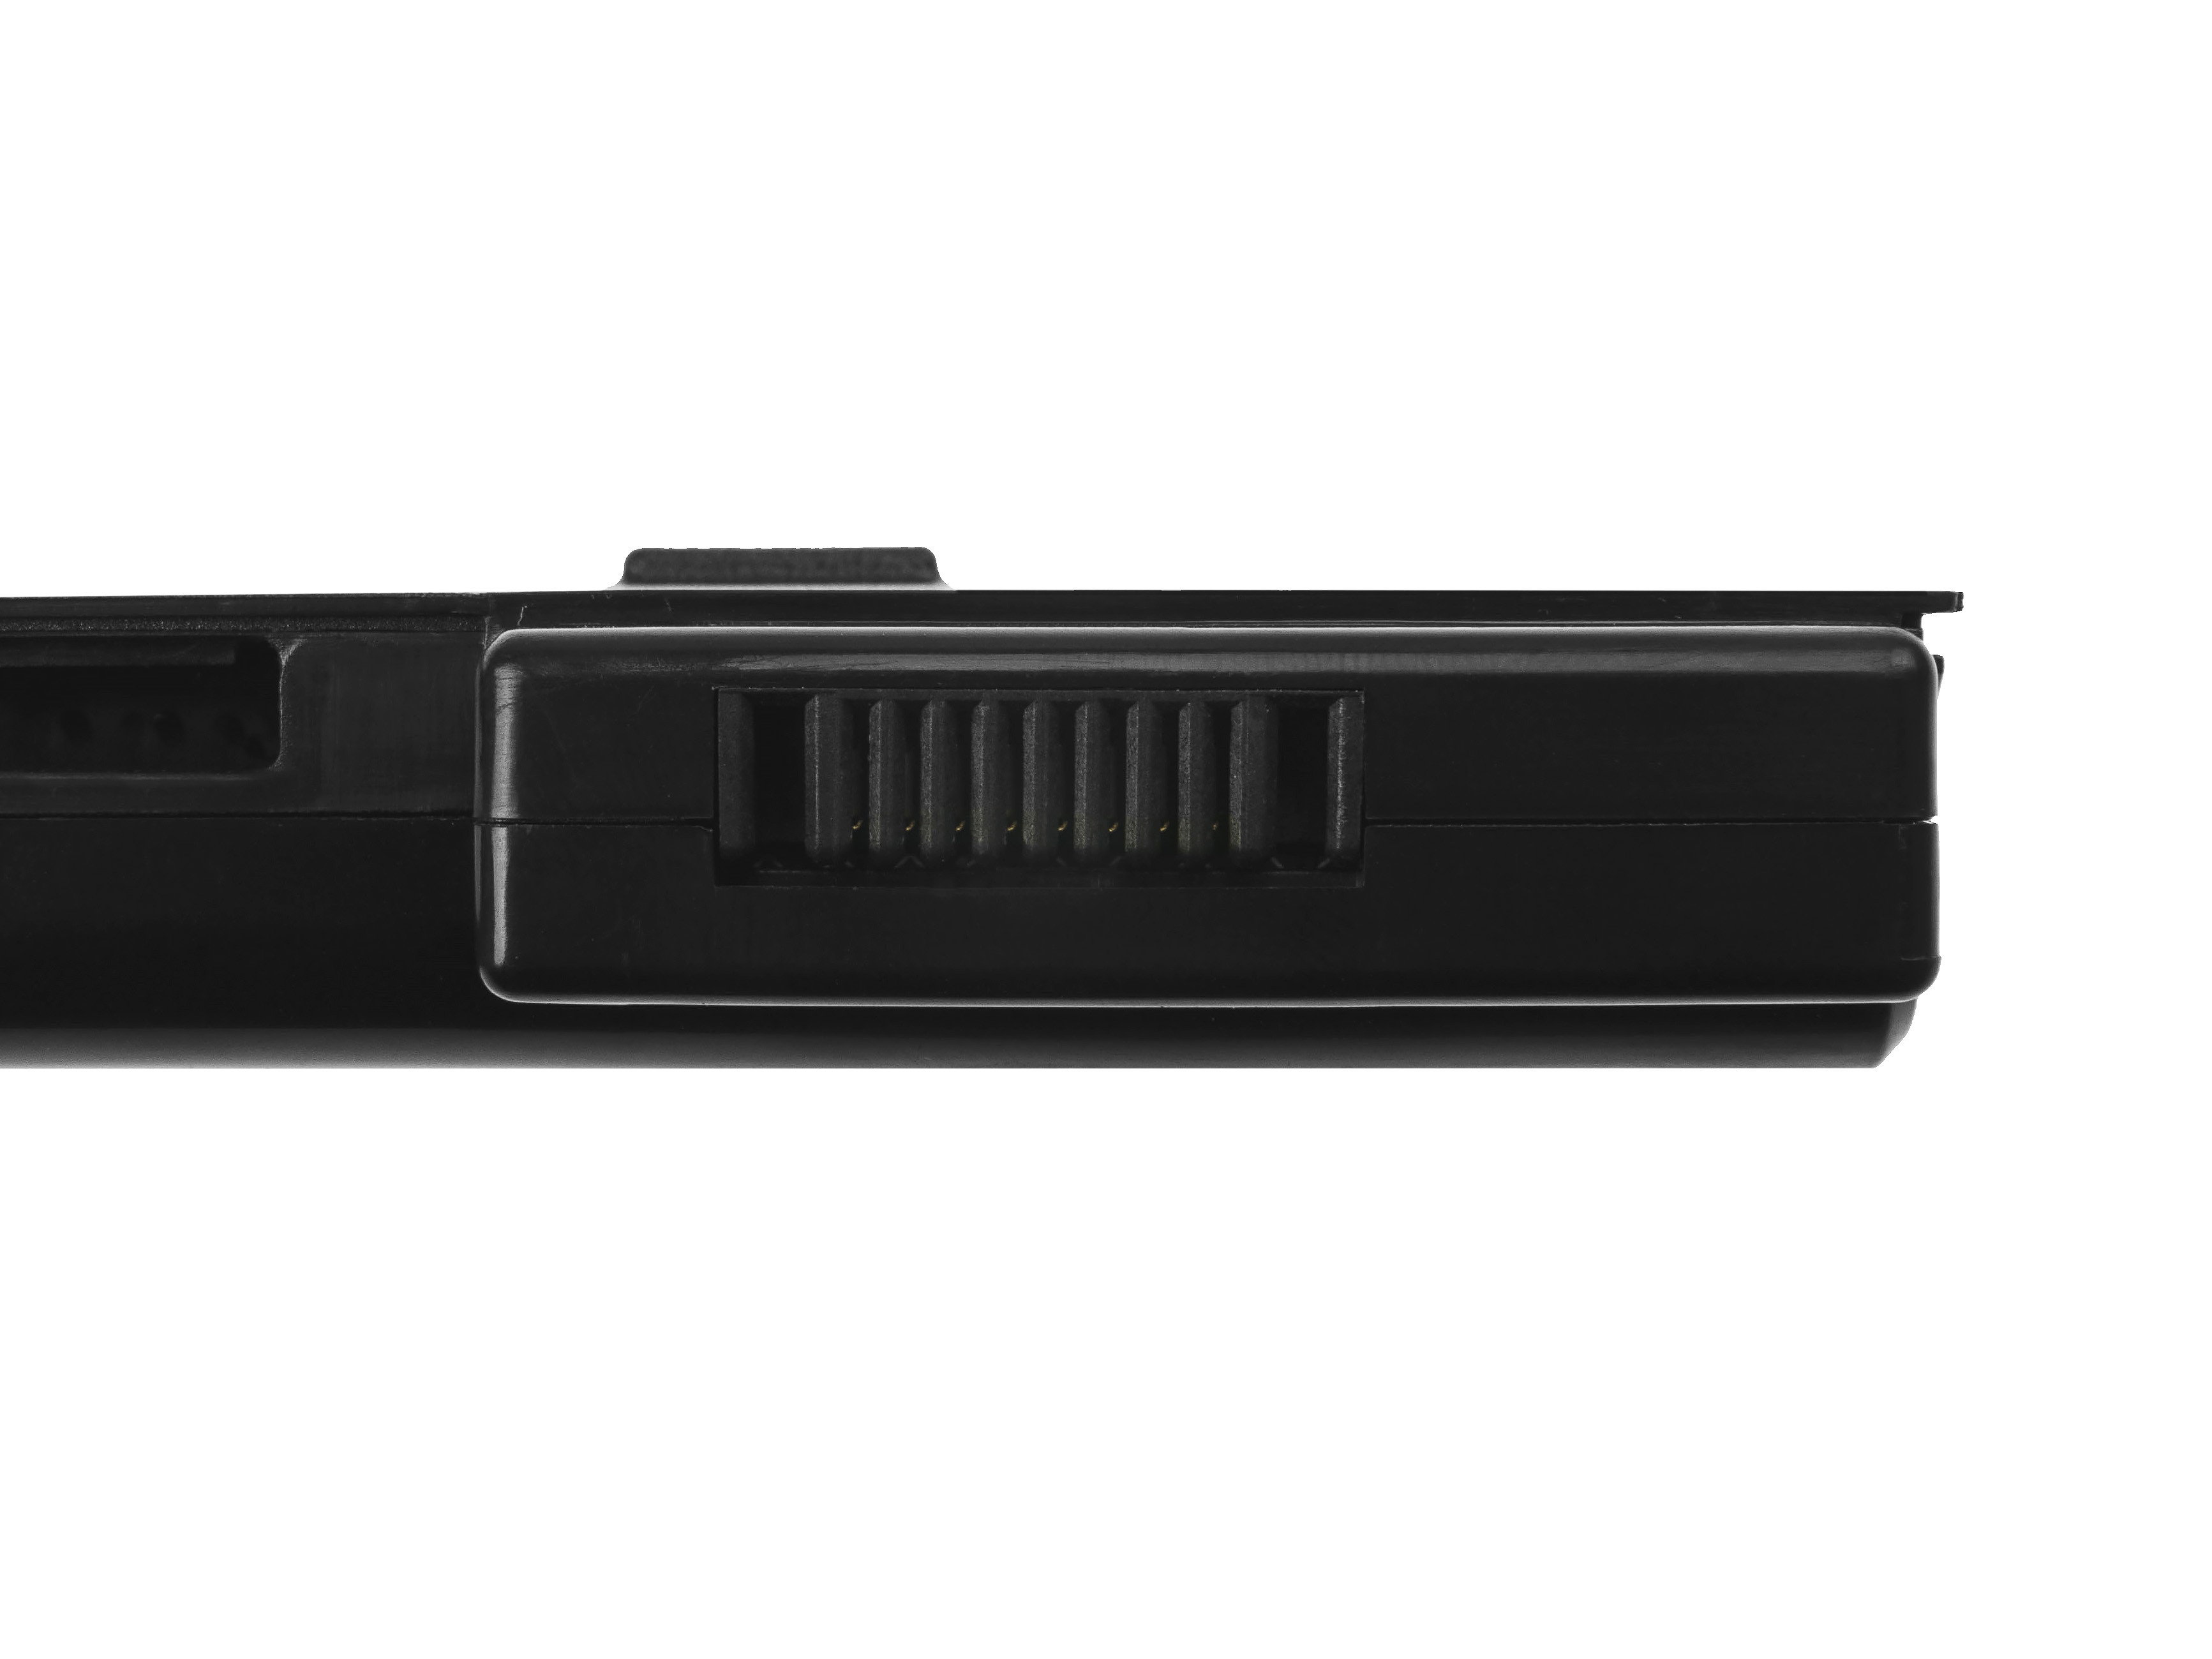 Bärbar dator Batteri PRO CA06 CA06XL för HP ProBook 640 645 650 655 G1